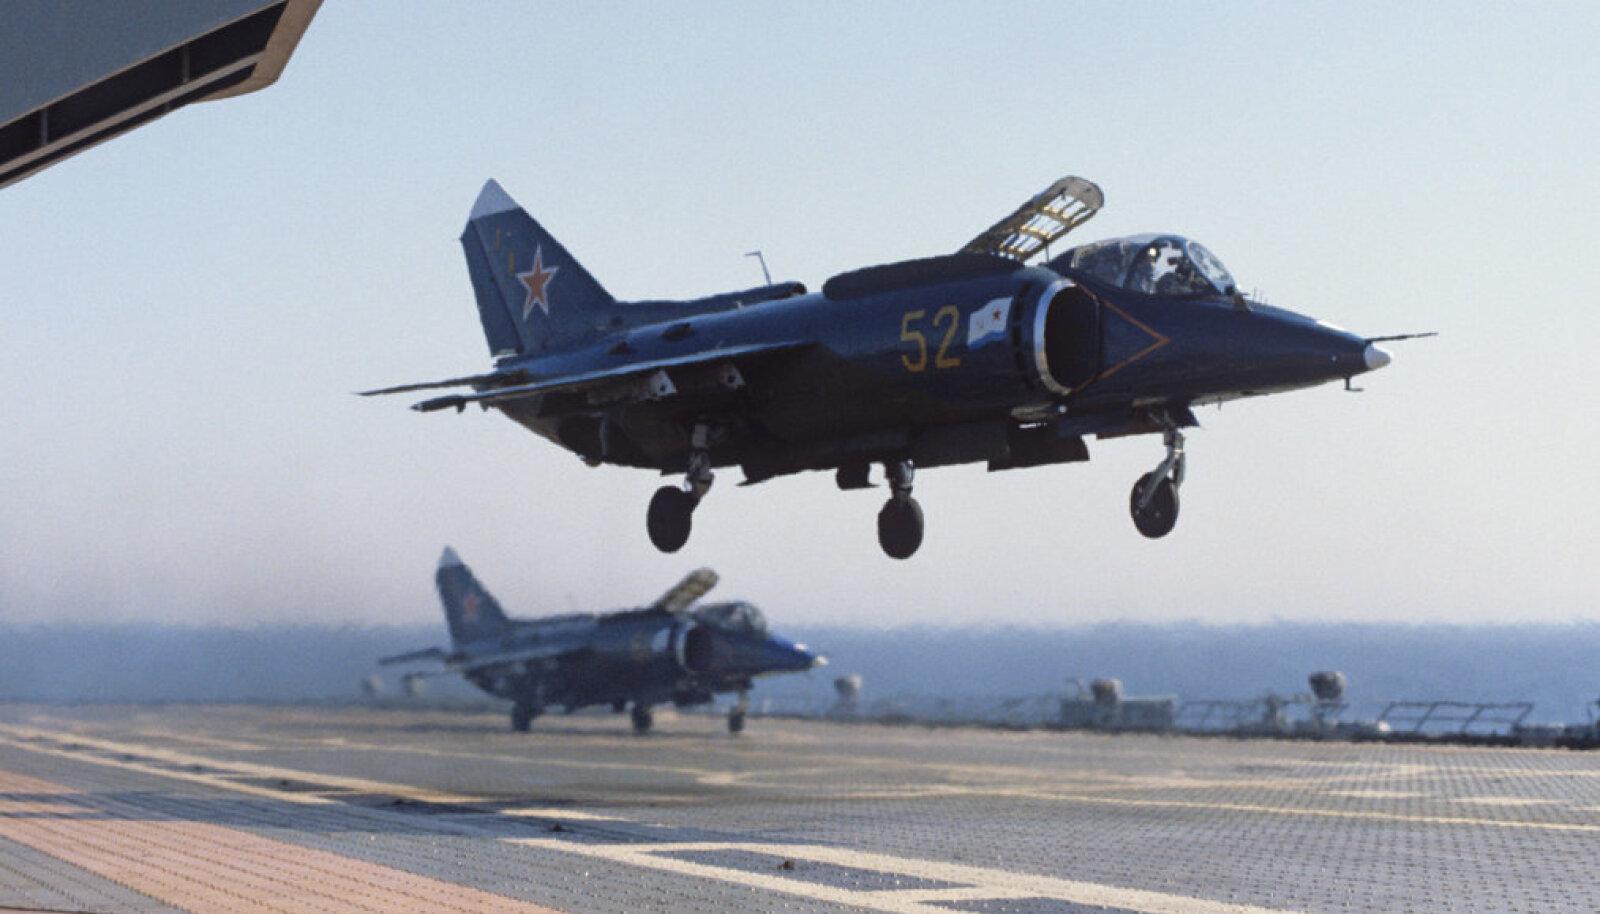 Jak-38P laskumas lennukikandjale Novorossiisk aastal 1984